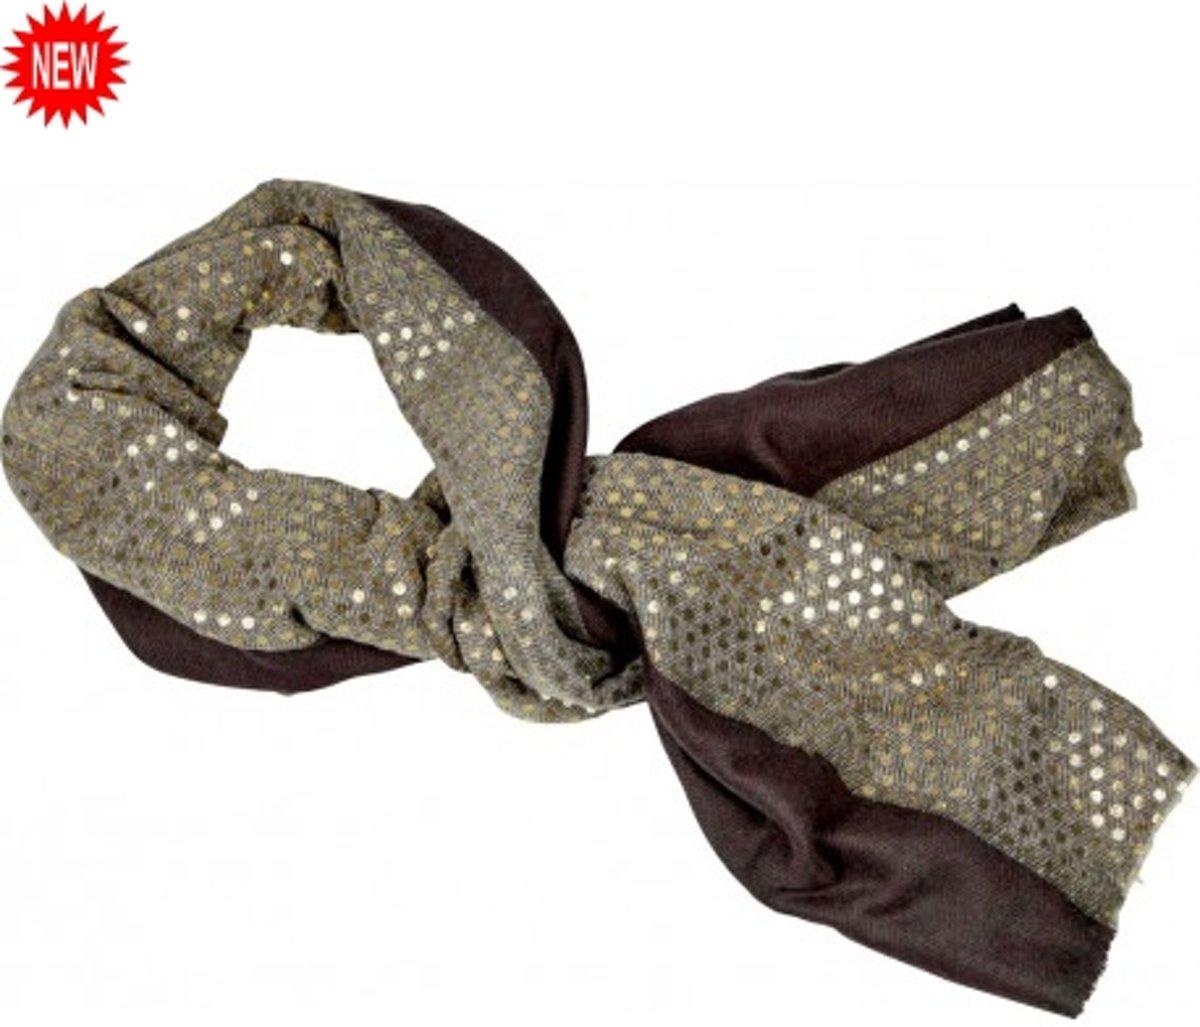 Grote luxe Sjaal - Lieblingsstucke Goldene - Topkwaliteit - Wol - Spiegelburg